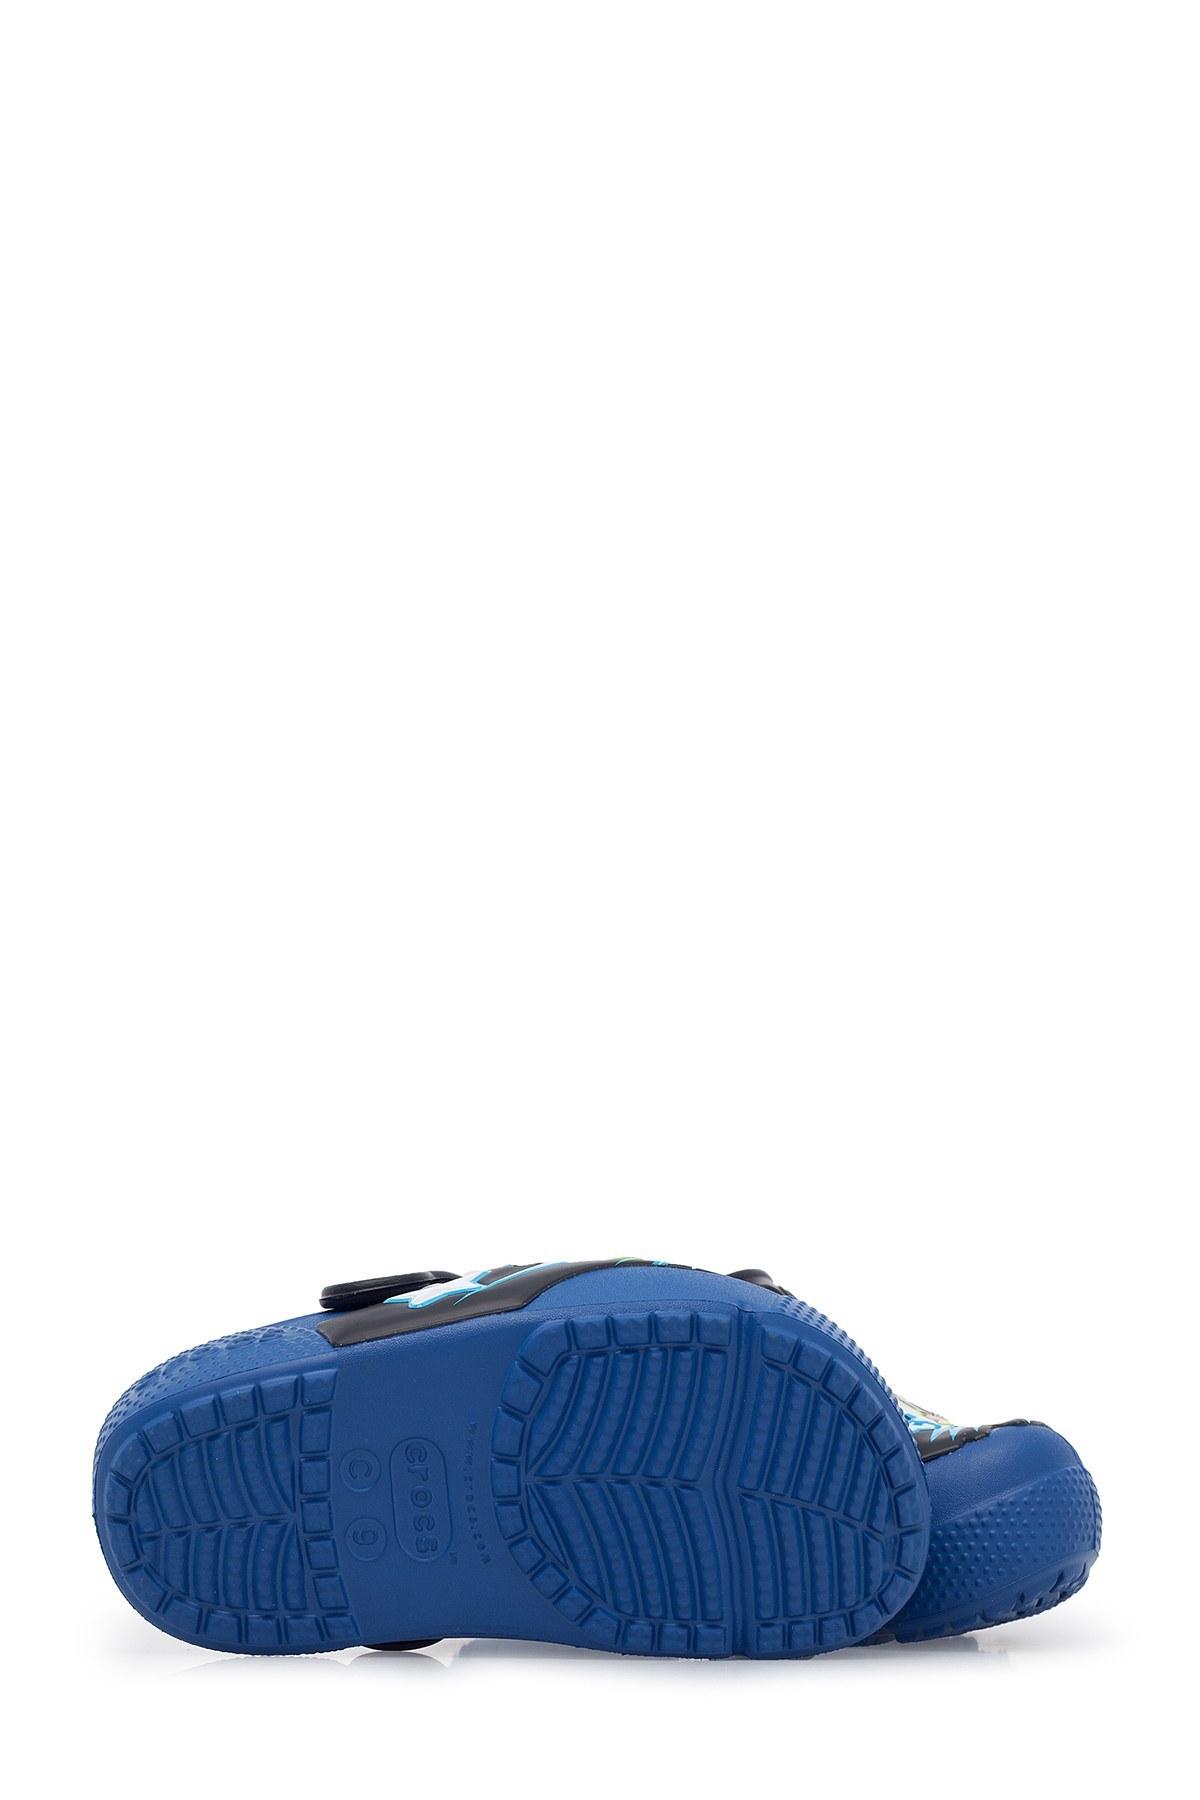 Crocs CrocsFL Erkek Çocuk Terlik 205520 CR0678-4GX LACİVERT